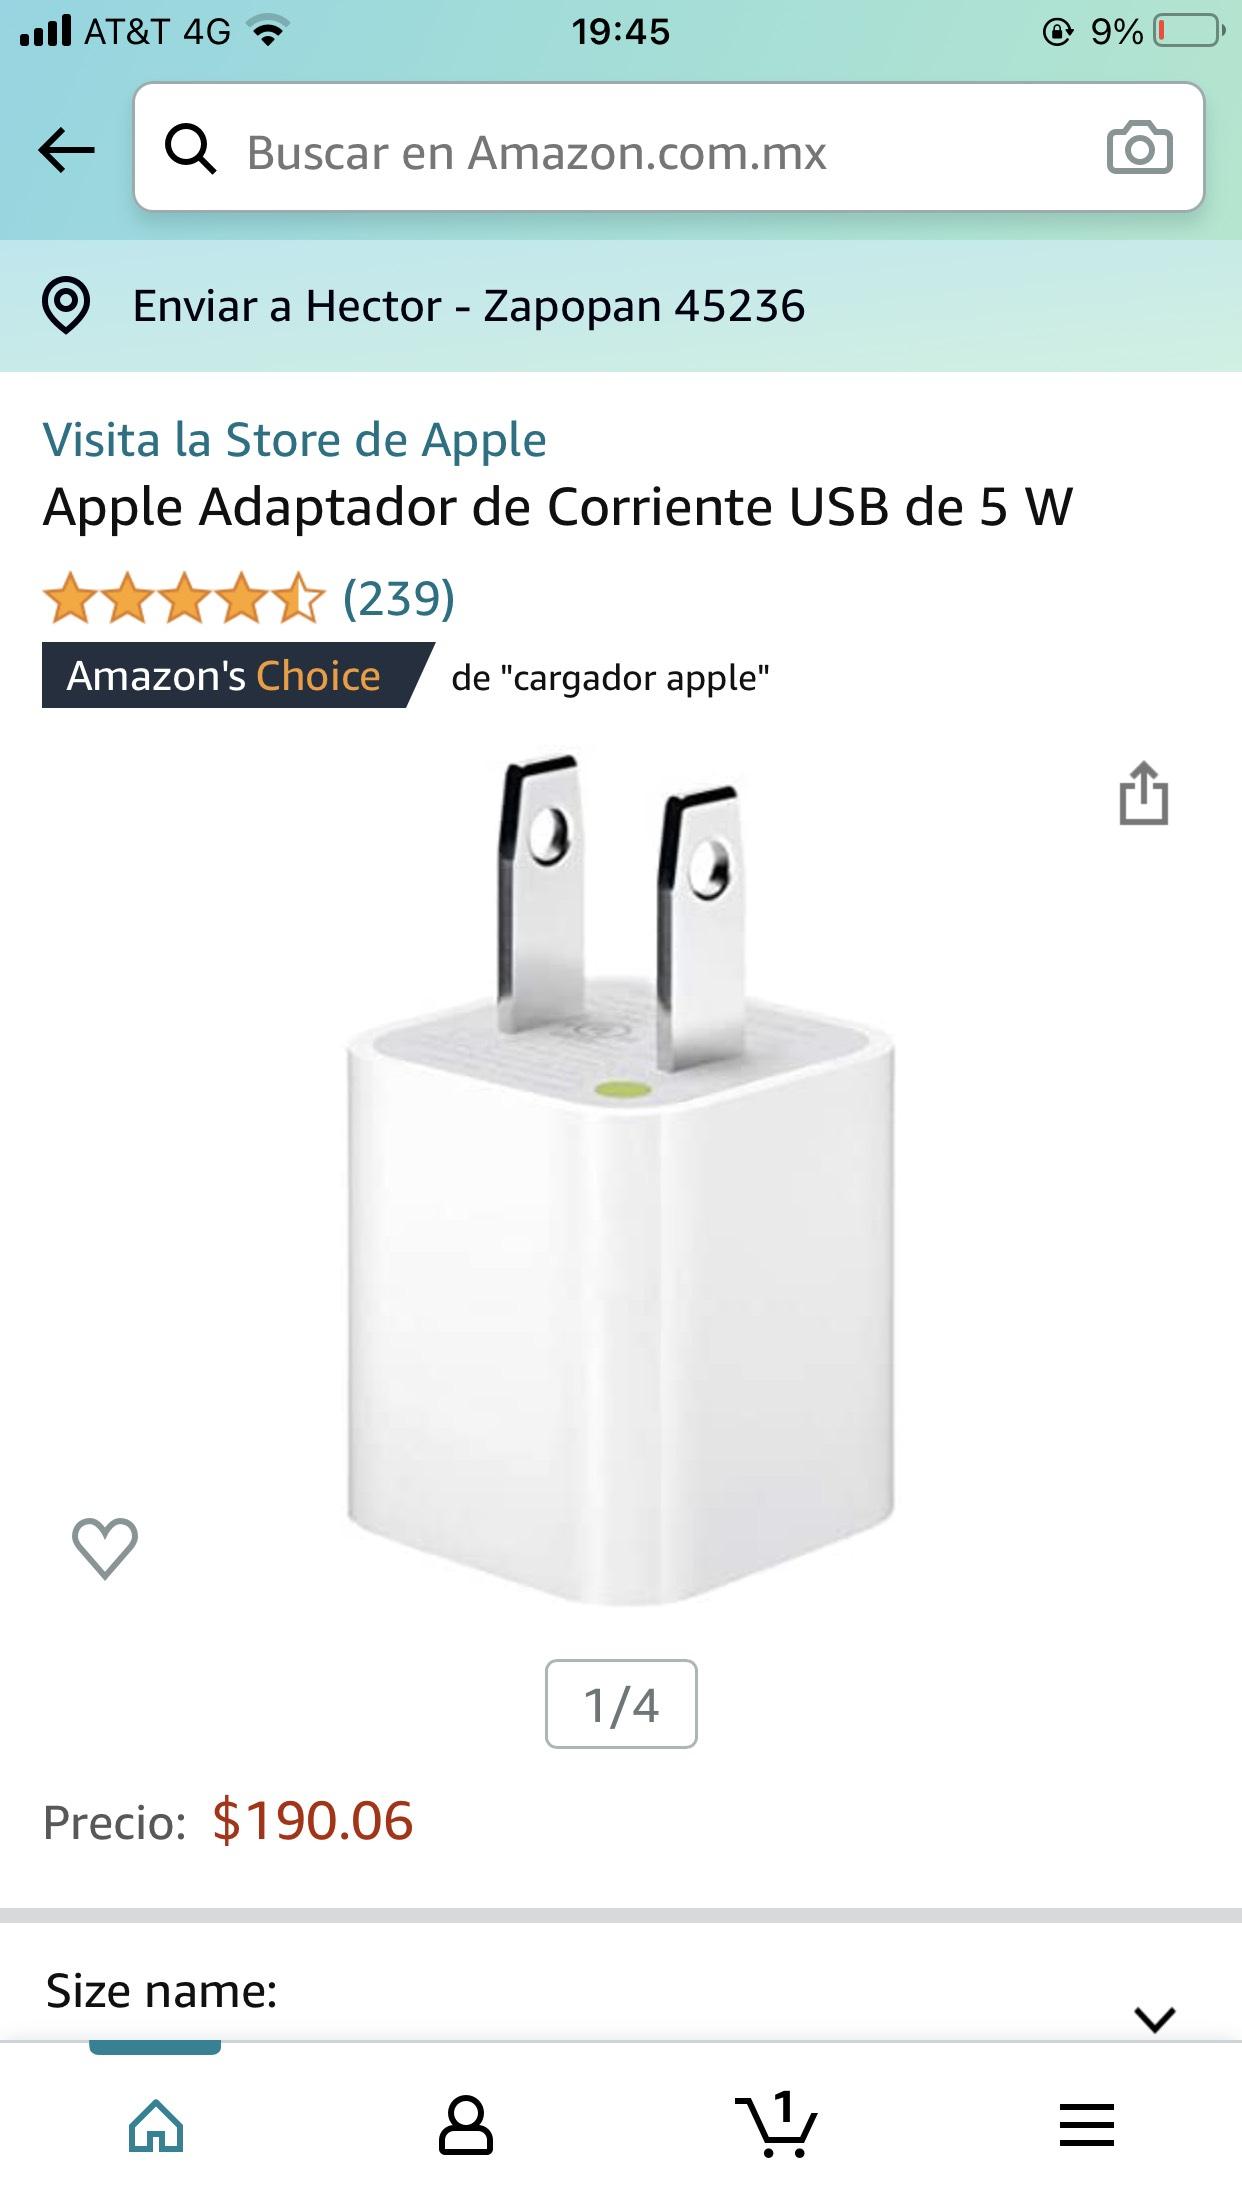 Amazon: Apple Adaptador de Corriente USB de 5 W